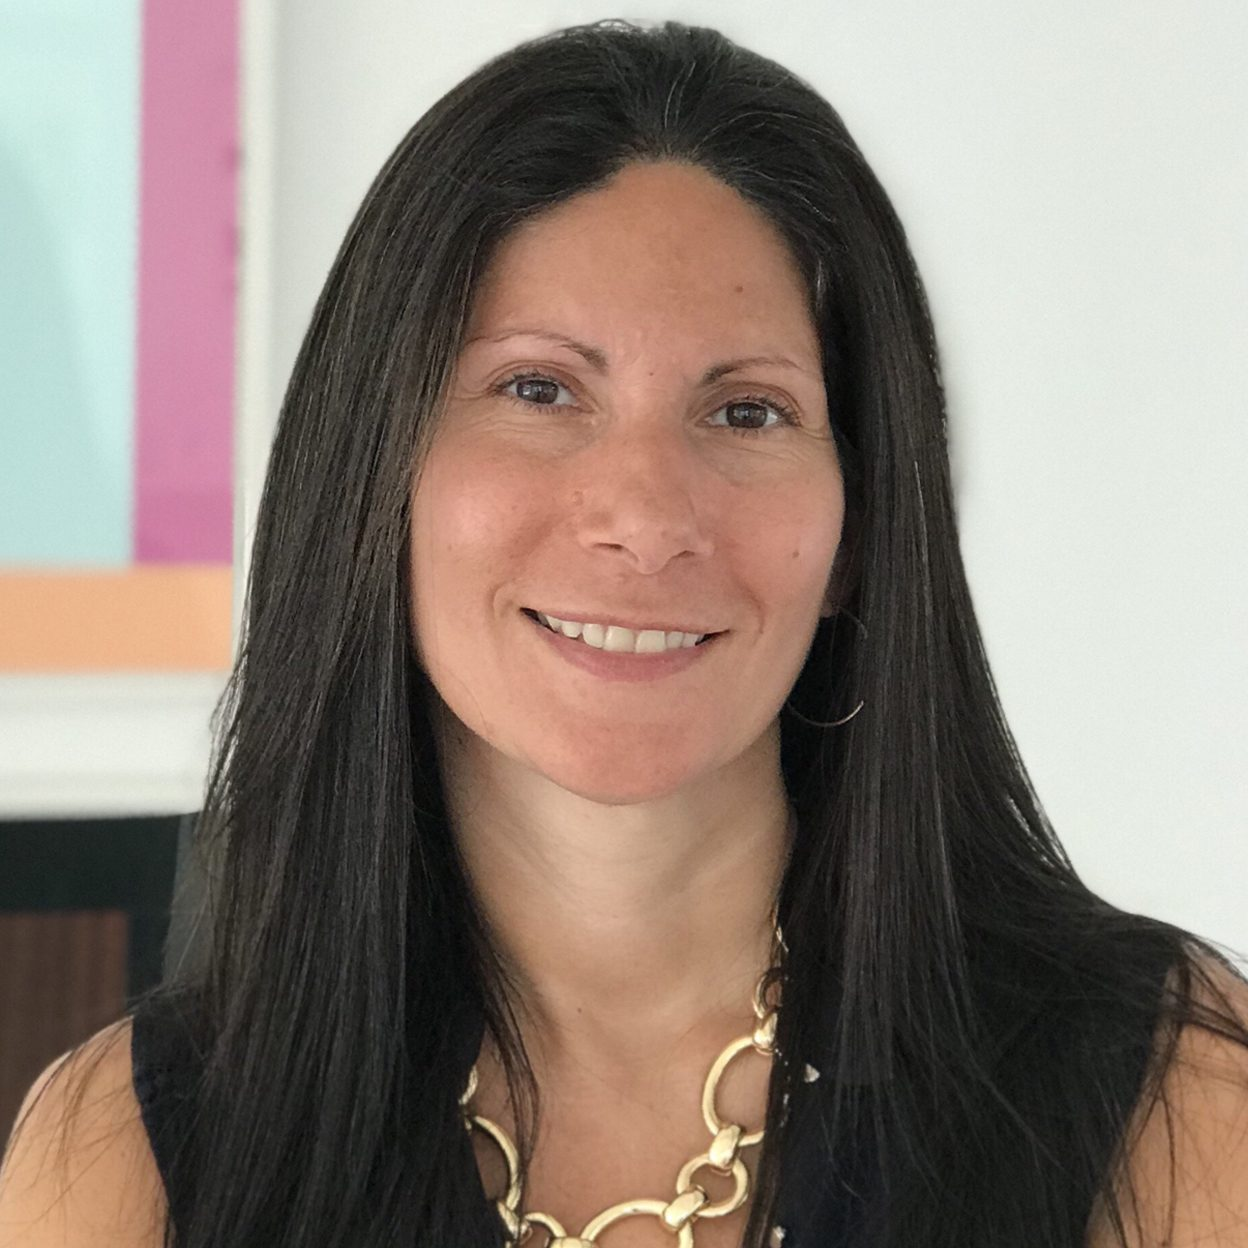 Suzanne Siano